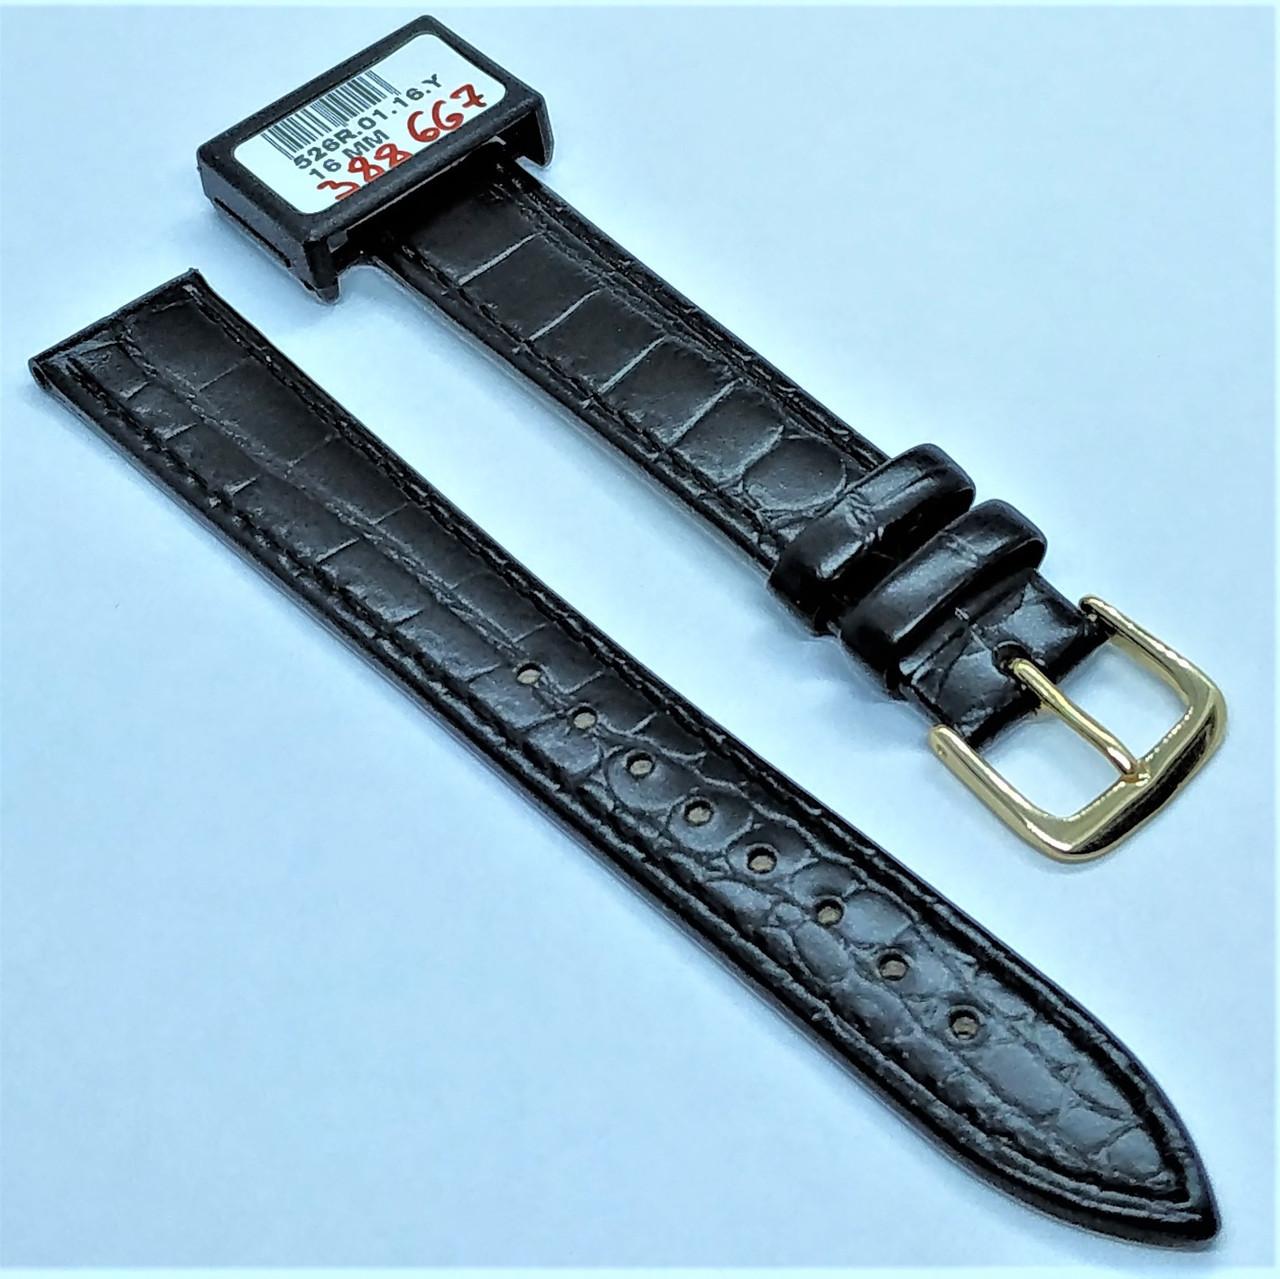 16 мм Кожаный Ремешок для часов CONDOR 526.16.01 Черный Ремешок на часы из Натуральной кожи